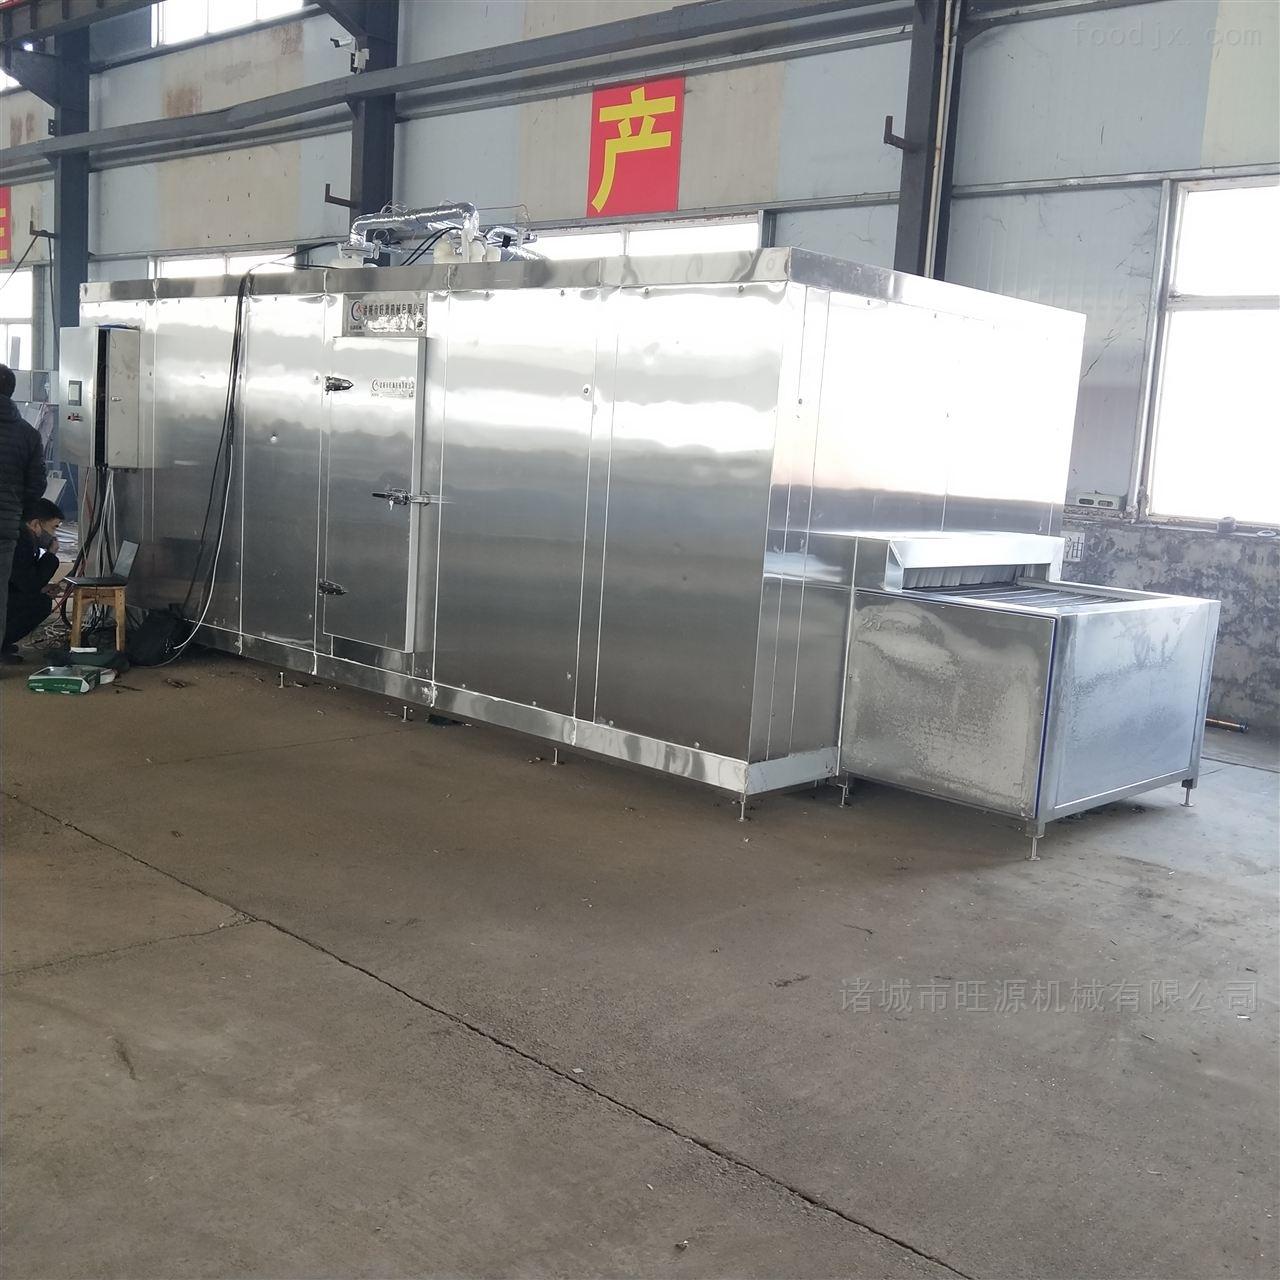 榛蘑液氮隧道速冻设备